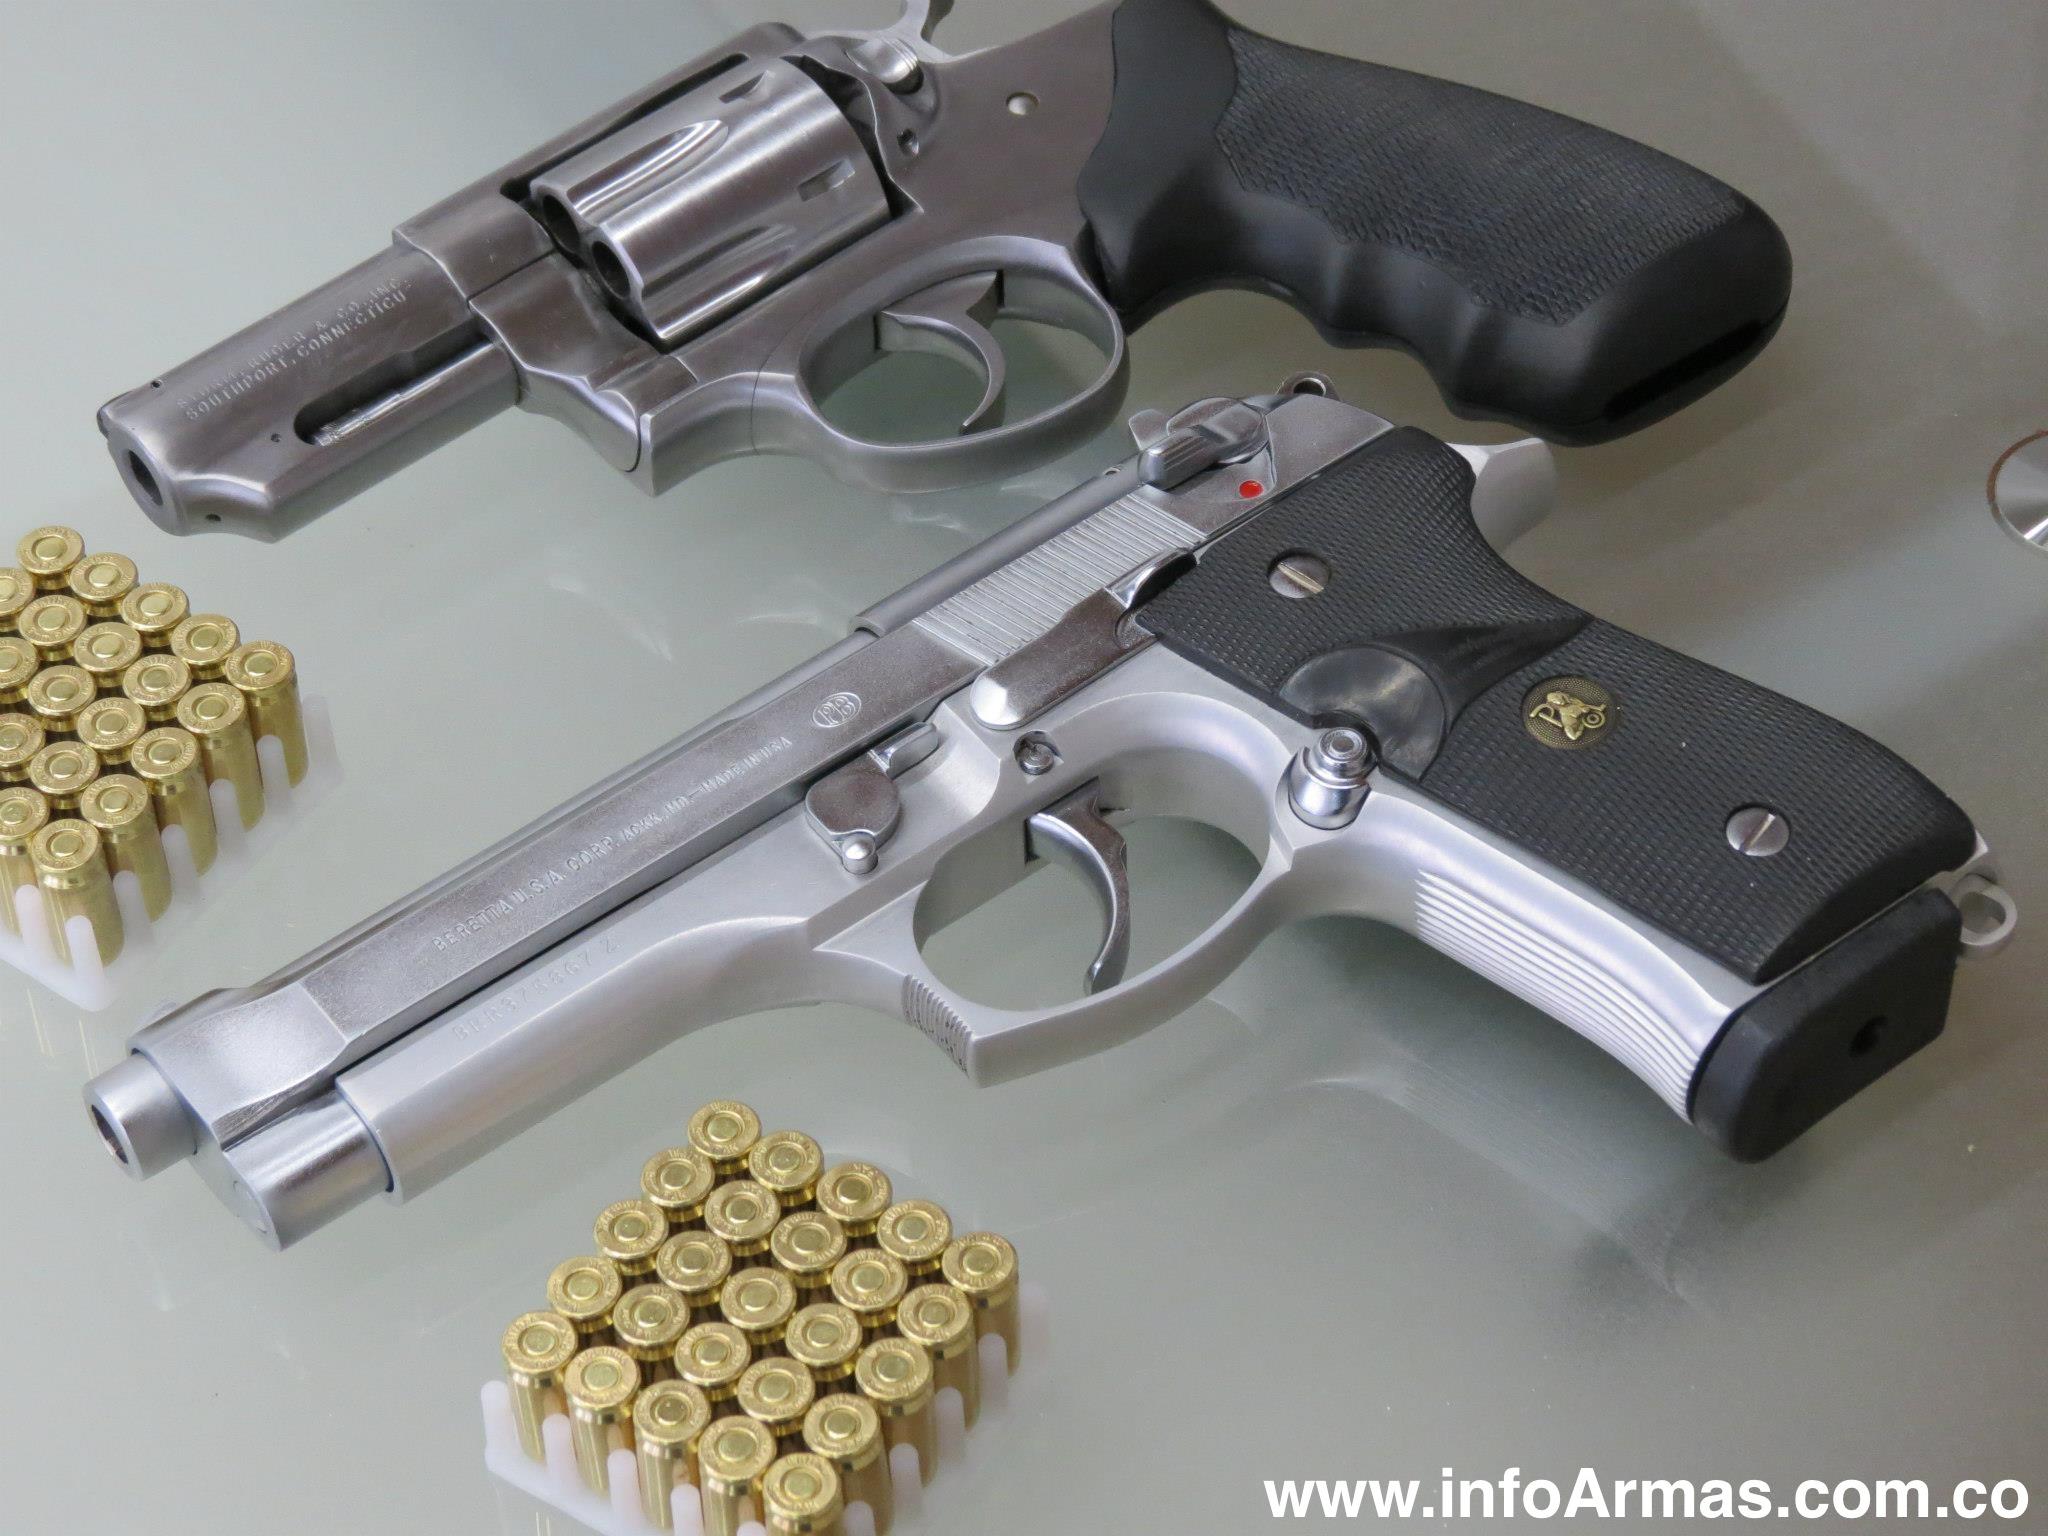 Pistola Beretta 92f 9MM y Revolver Ruger 38L en Acero INOXIDABLE ...